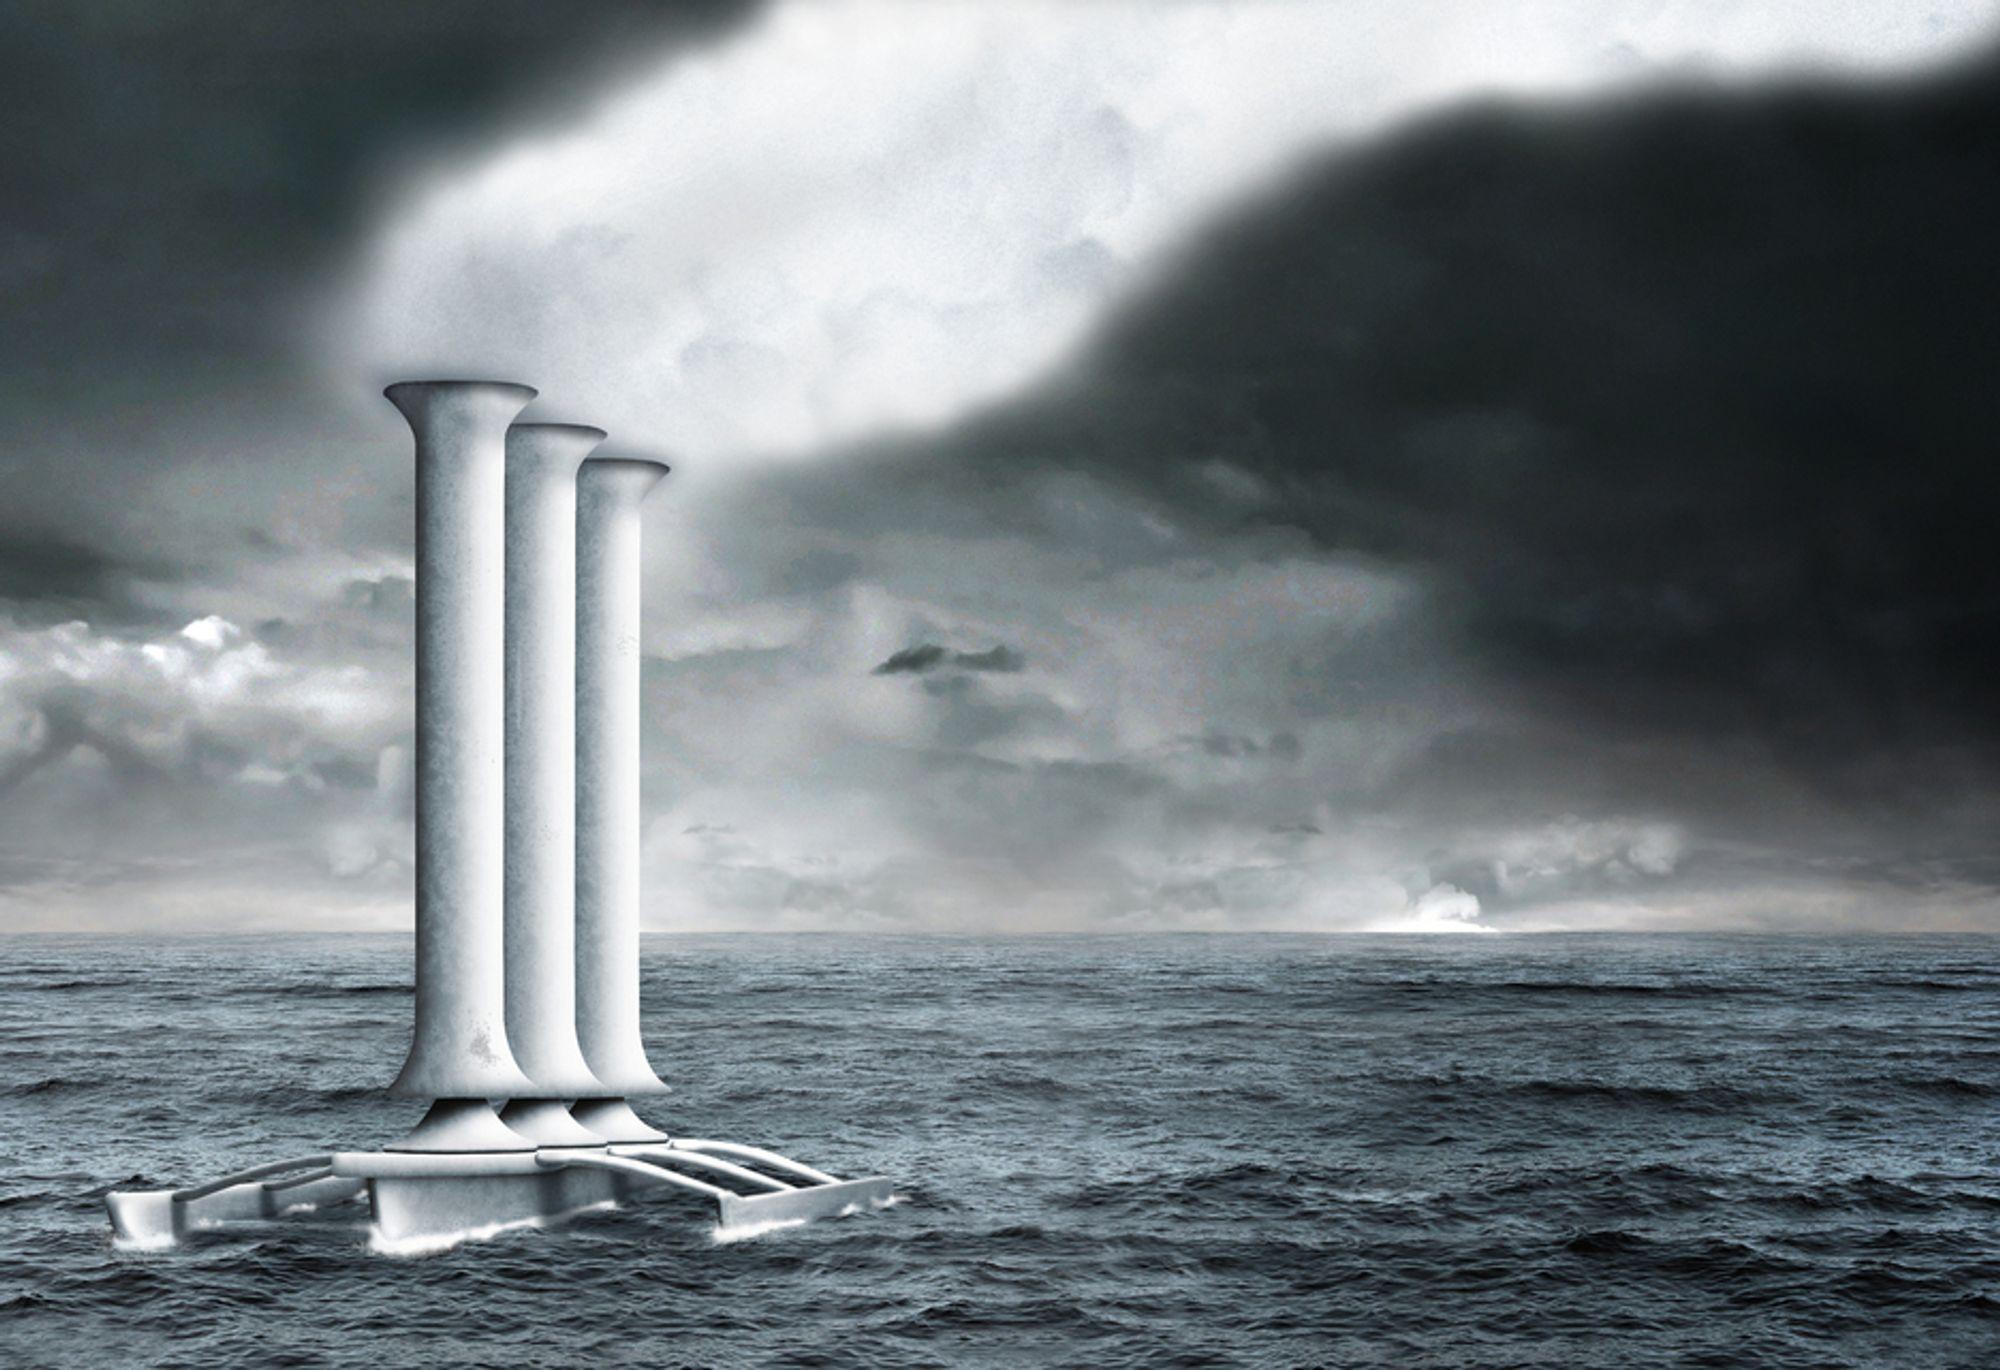 KLIMAMANIPULERING: Det å gjøre skyer hvitere er ett av mange klimatiltak, blant annet foreslått av danske Bjørn Lomborg. Britiske Royal Society mener dette tiltaket kan påvirke nedbørsmønstrene over land på en uheldig måte.